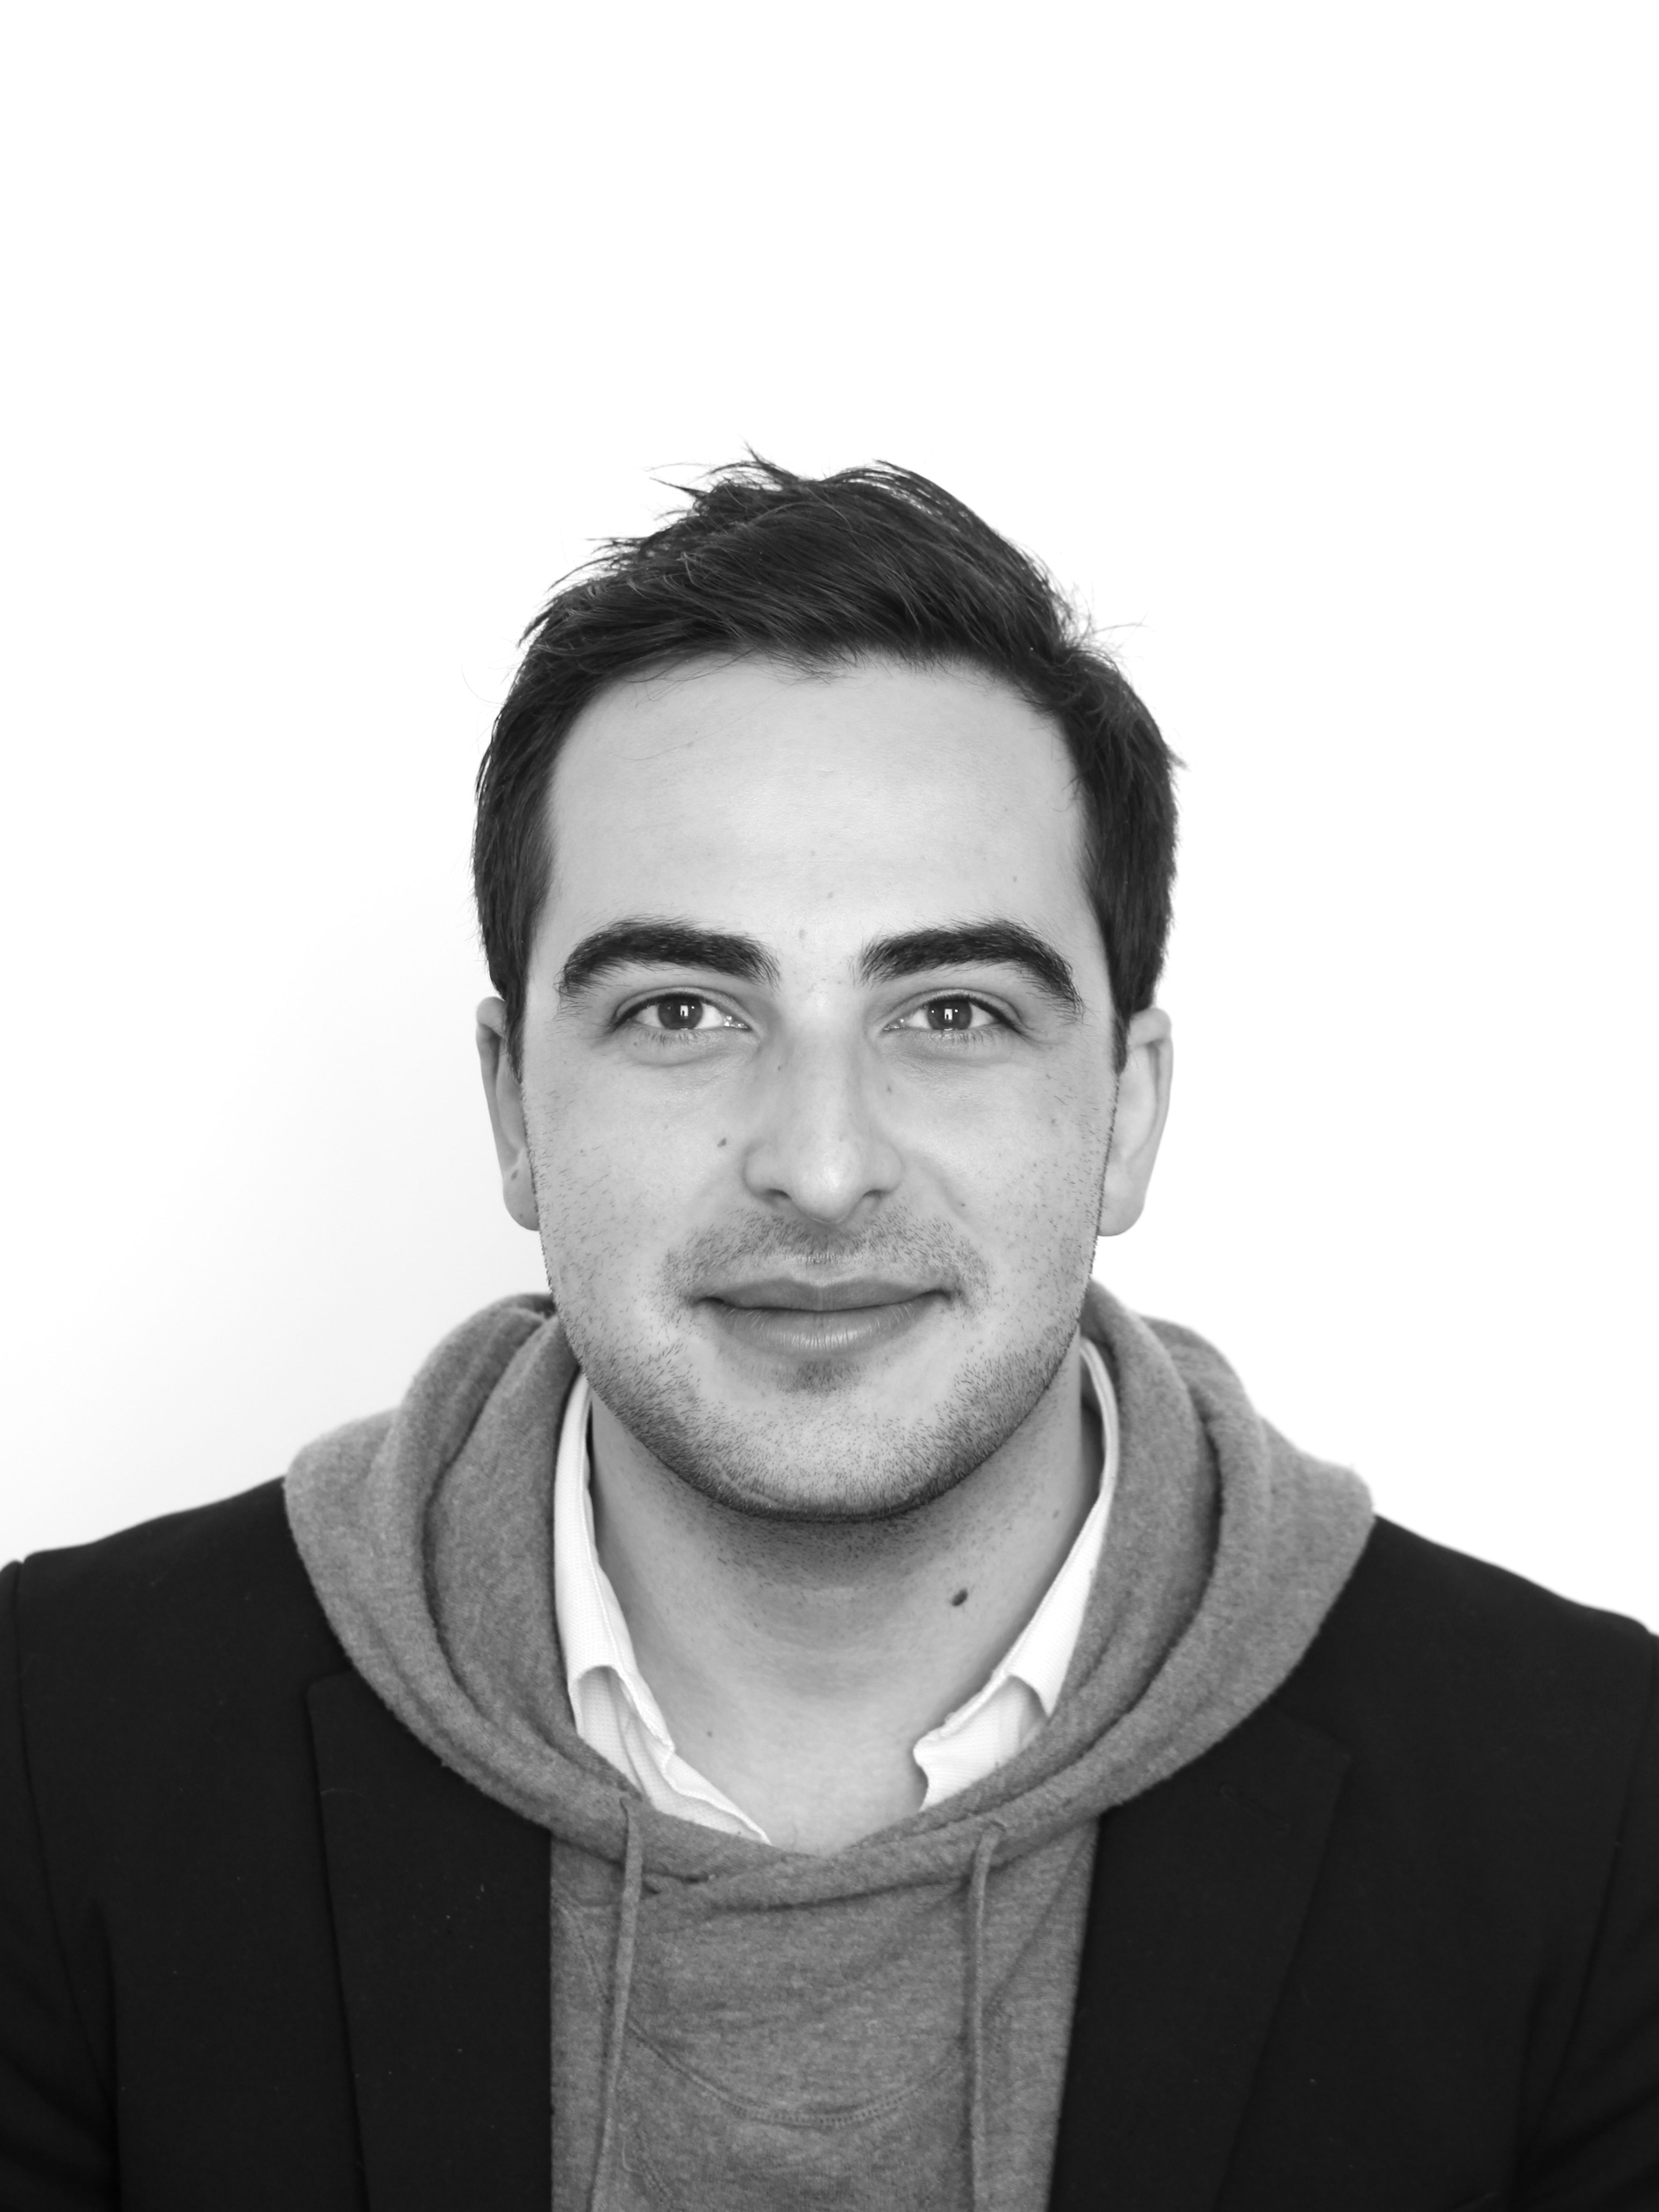 Coordinateur de projets & communication